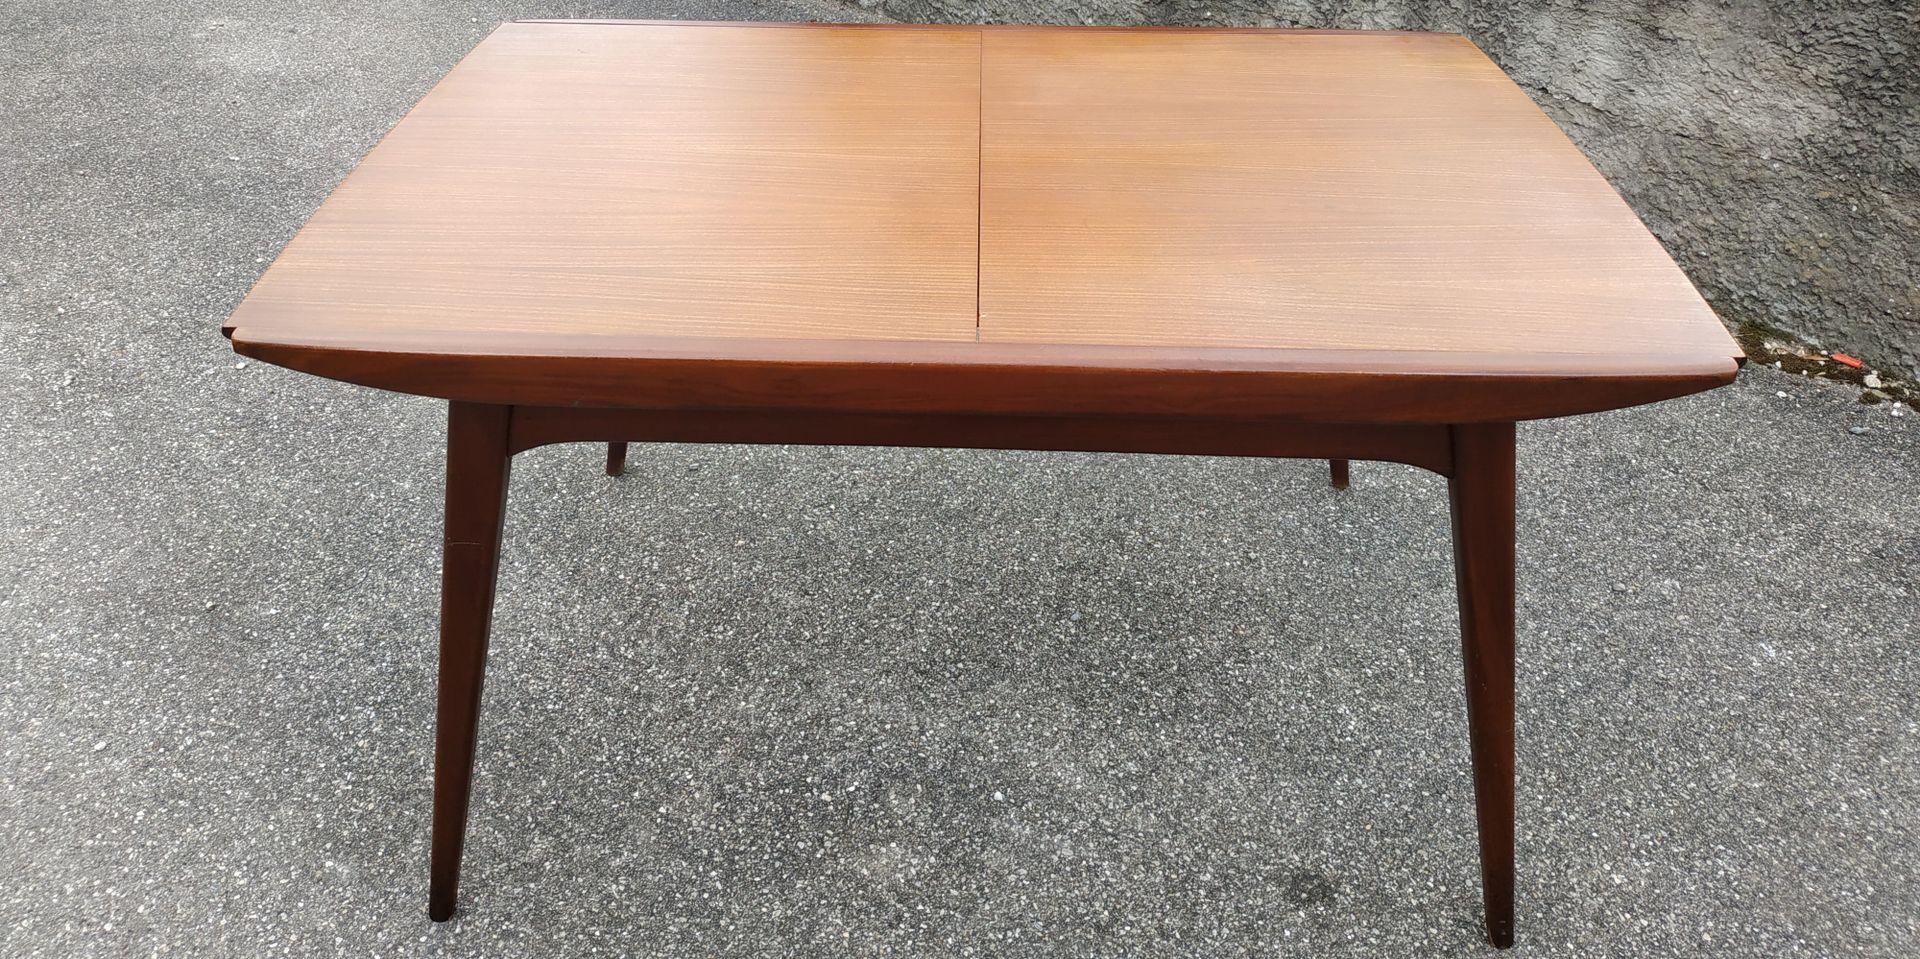 table rallonge scandinave par louis van teeffelen pour w b 1960s en vente sur pamono. Black Bedroom Furniture Sets. Home Design Ideas